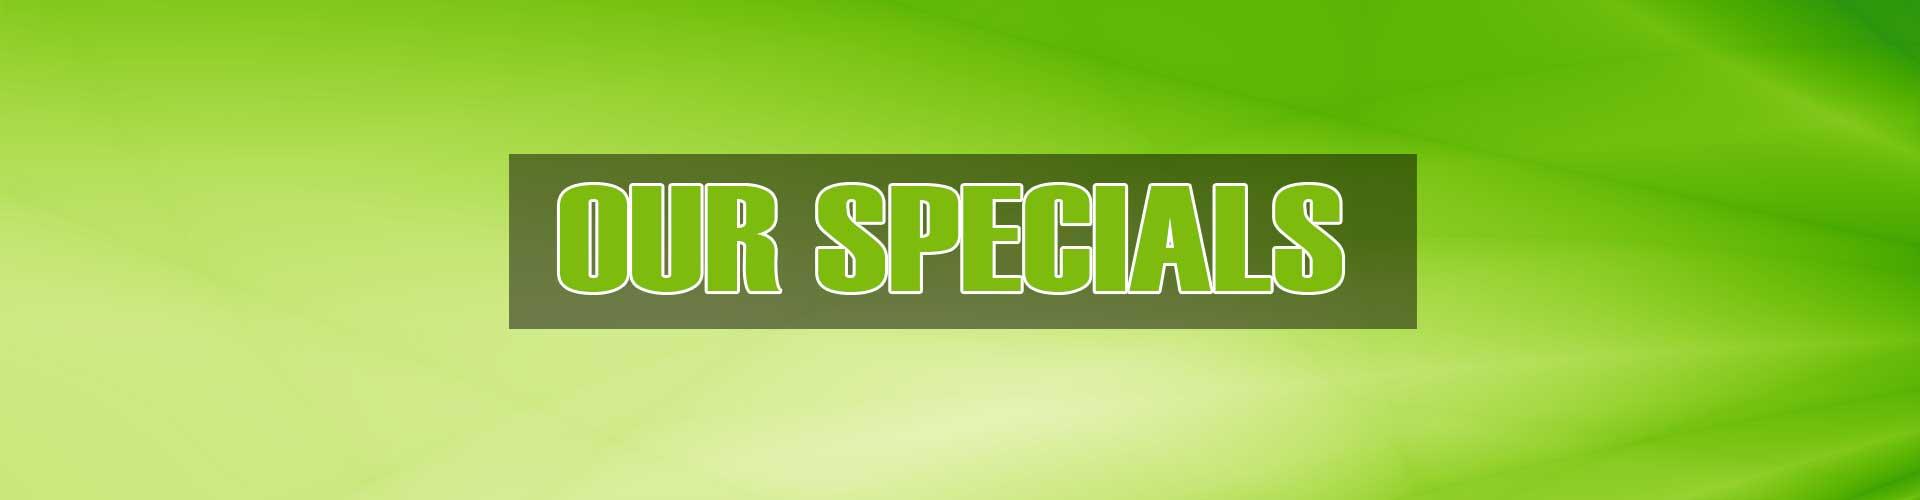 HVAC Specials